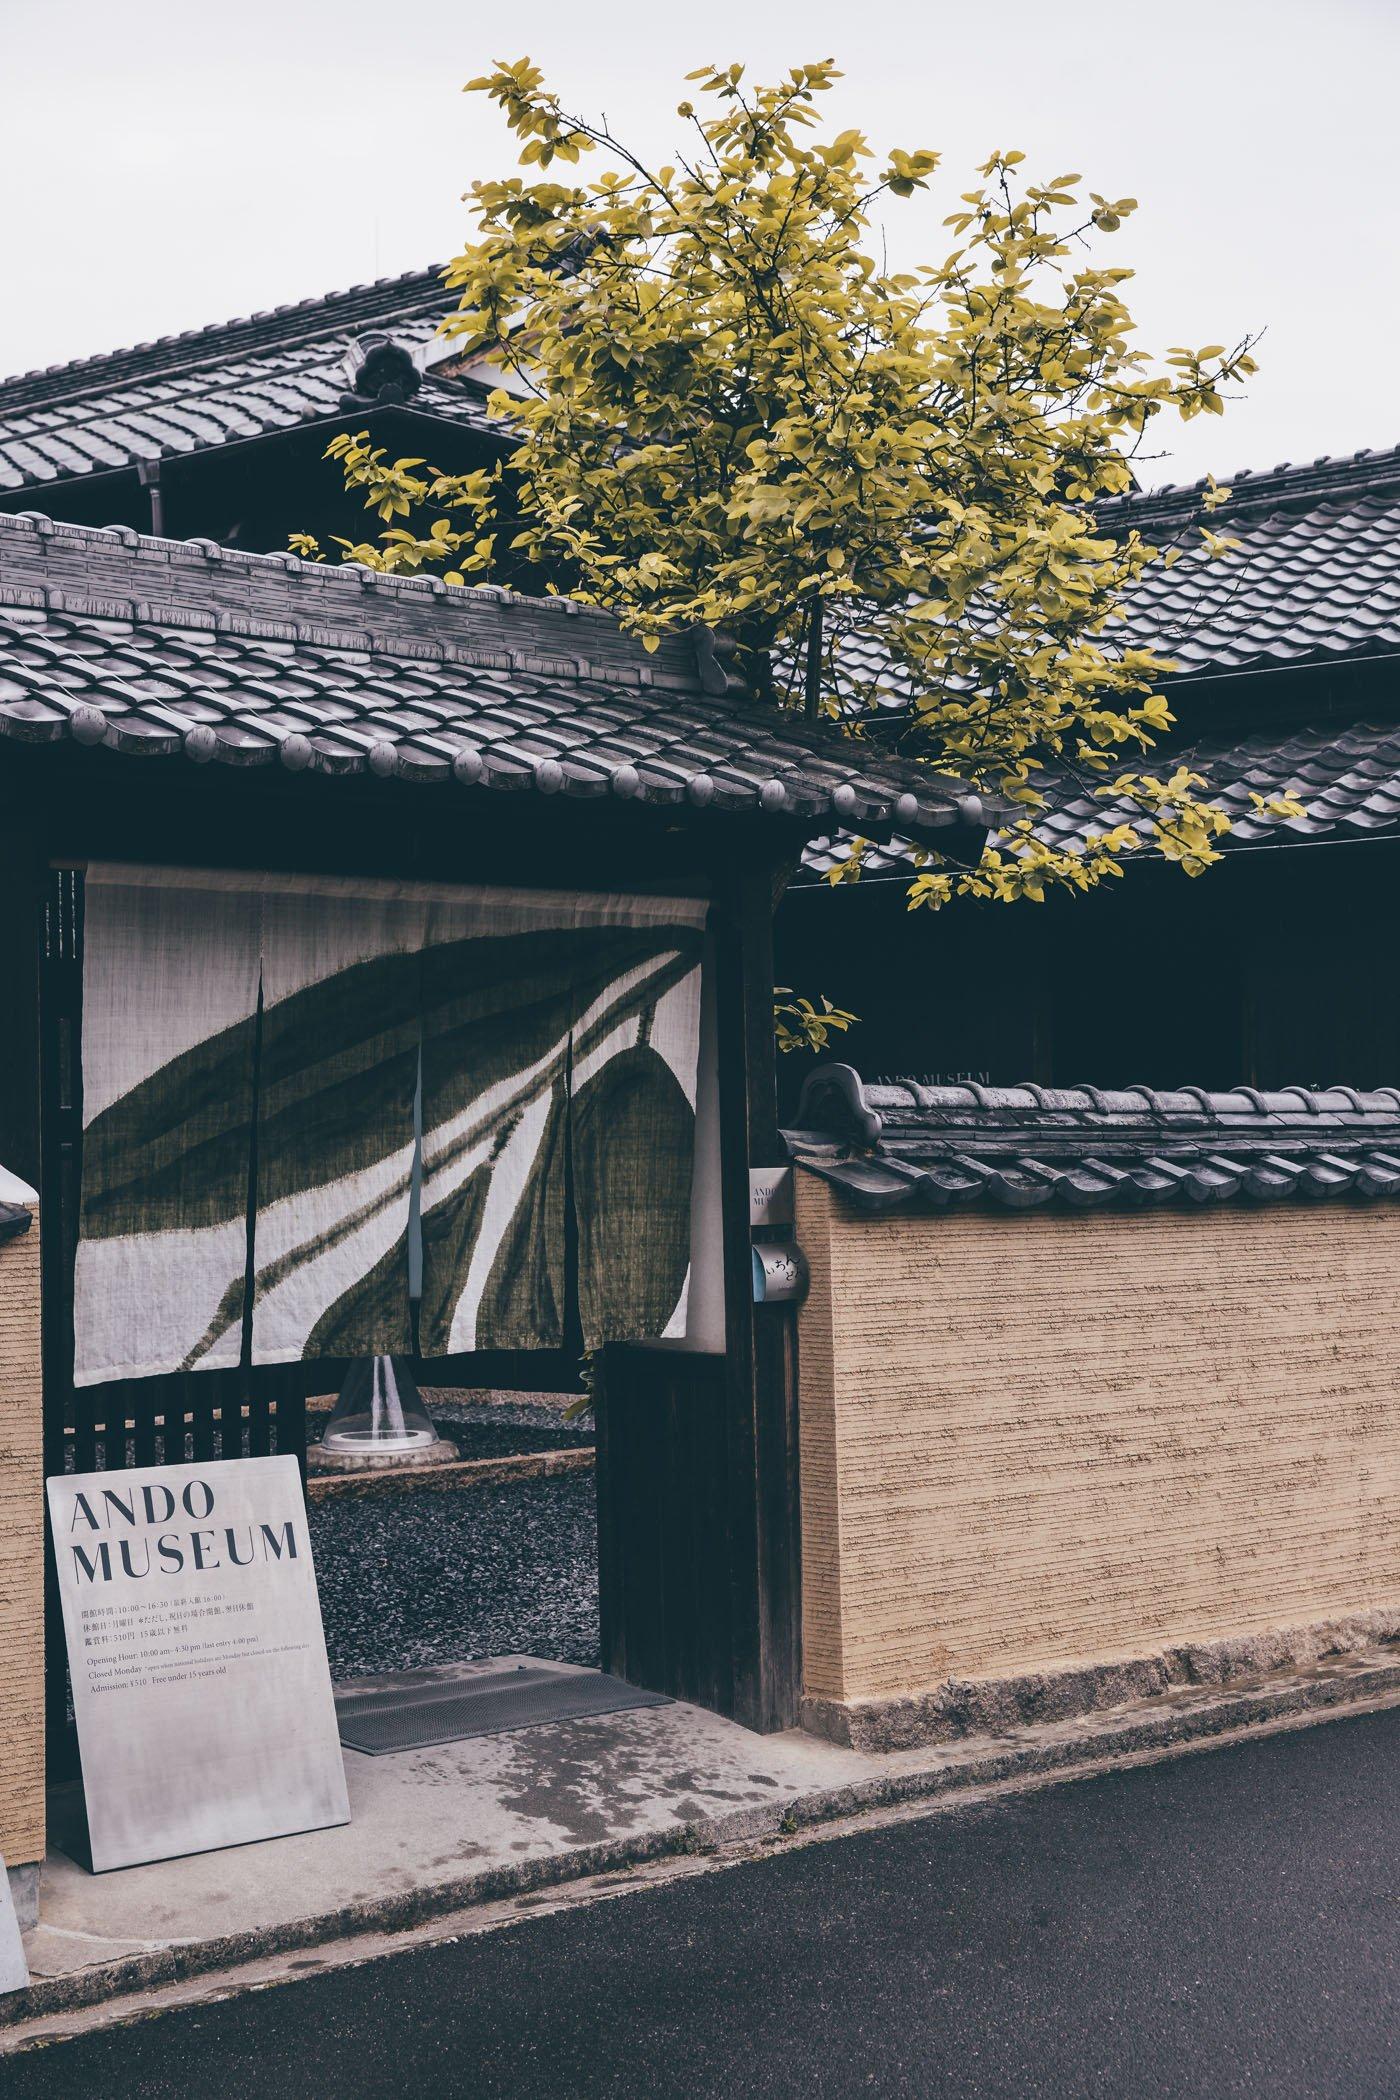 Ando Museum Naoshima Japan